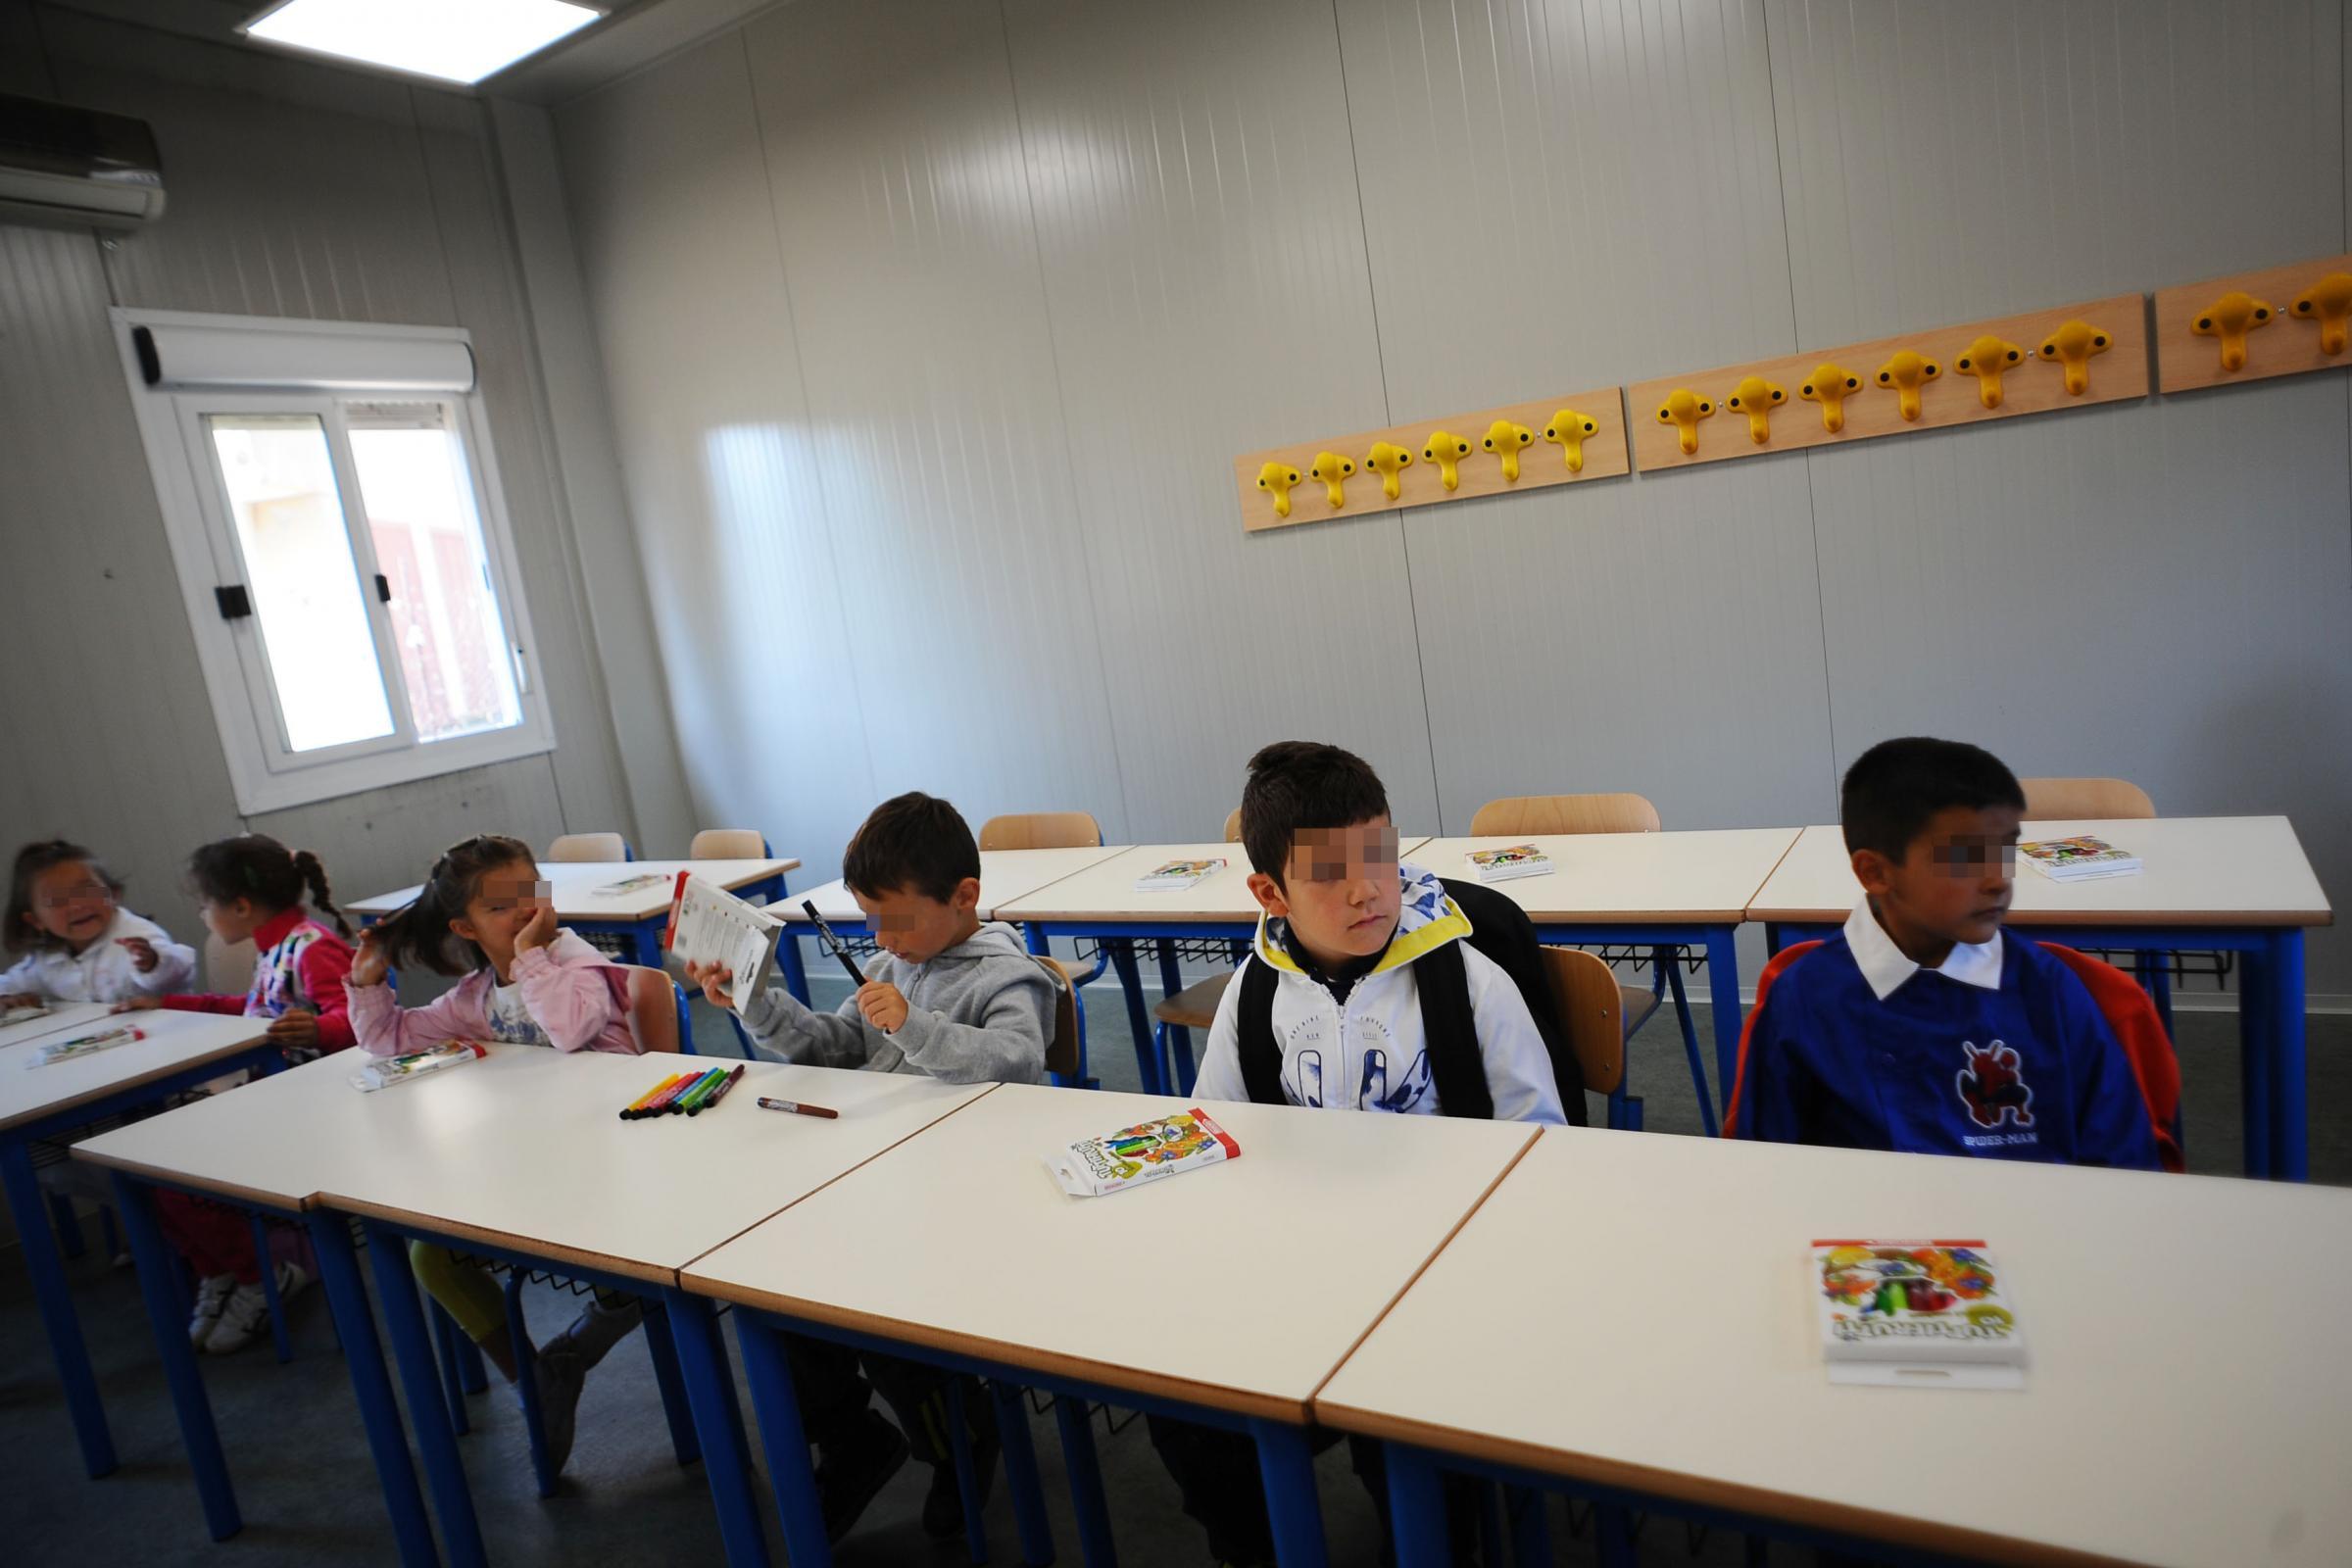 Educazione in Italia: la metà dei bambini non legge nemmeno un libro e non pratica sport